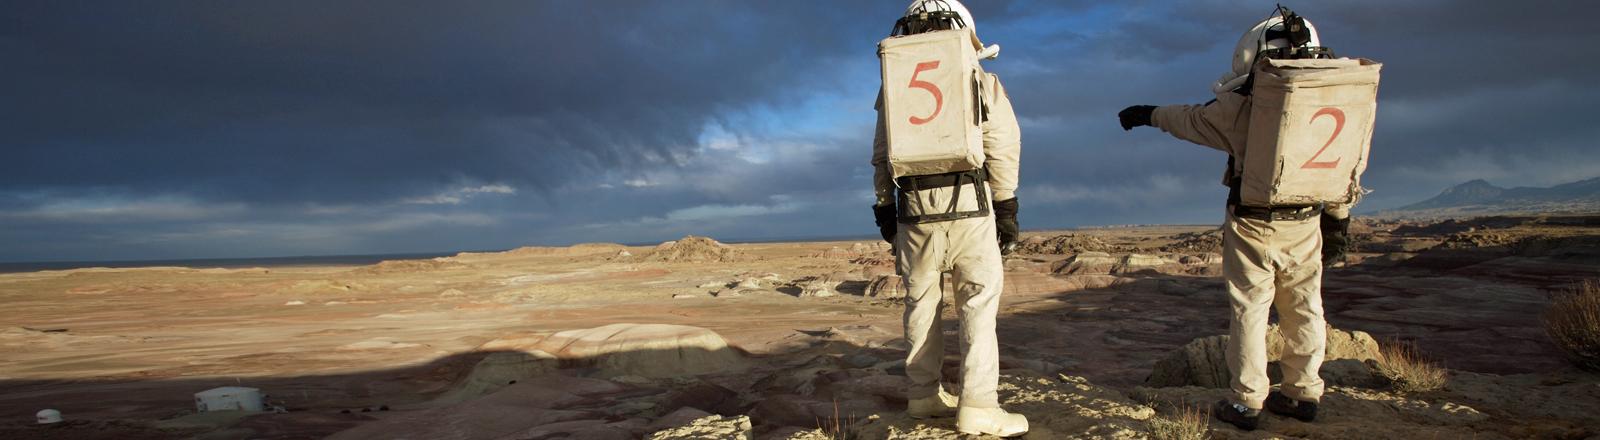 Vorbereitung für eine Mars-Mission: Die Mars Society testet das in Utah.